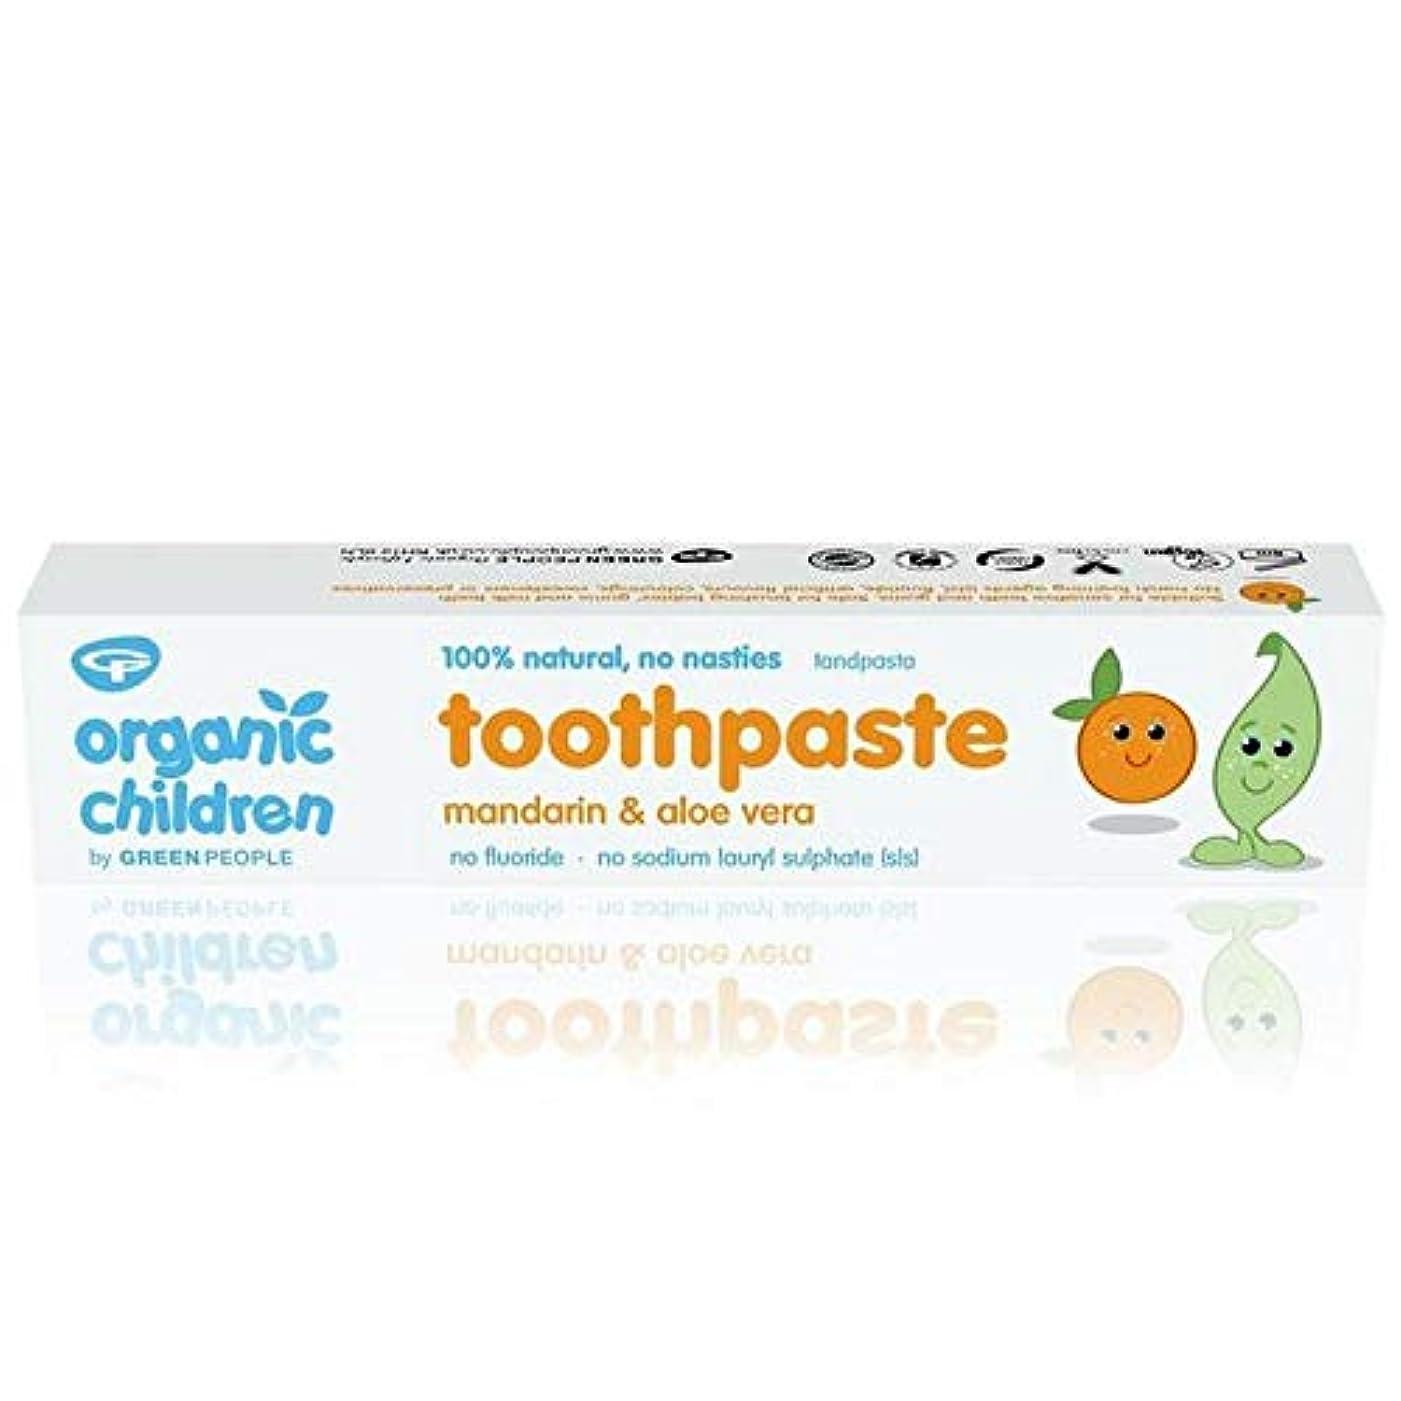 攻撃的プロポーショナルみぞれ[Organic Children ] 有機子供の歯磨き粉、マンダリン50ミリリットル - Organic Children Toothpaste, Mandarin 50ml [並行輸入品]